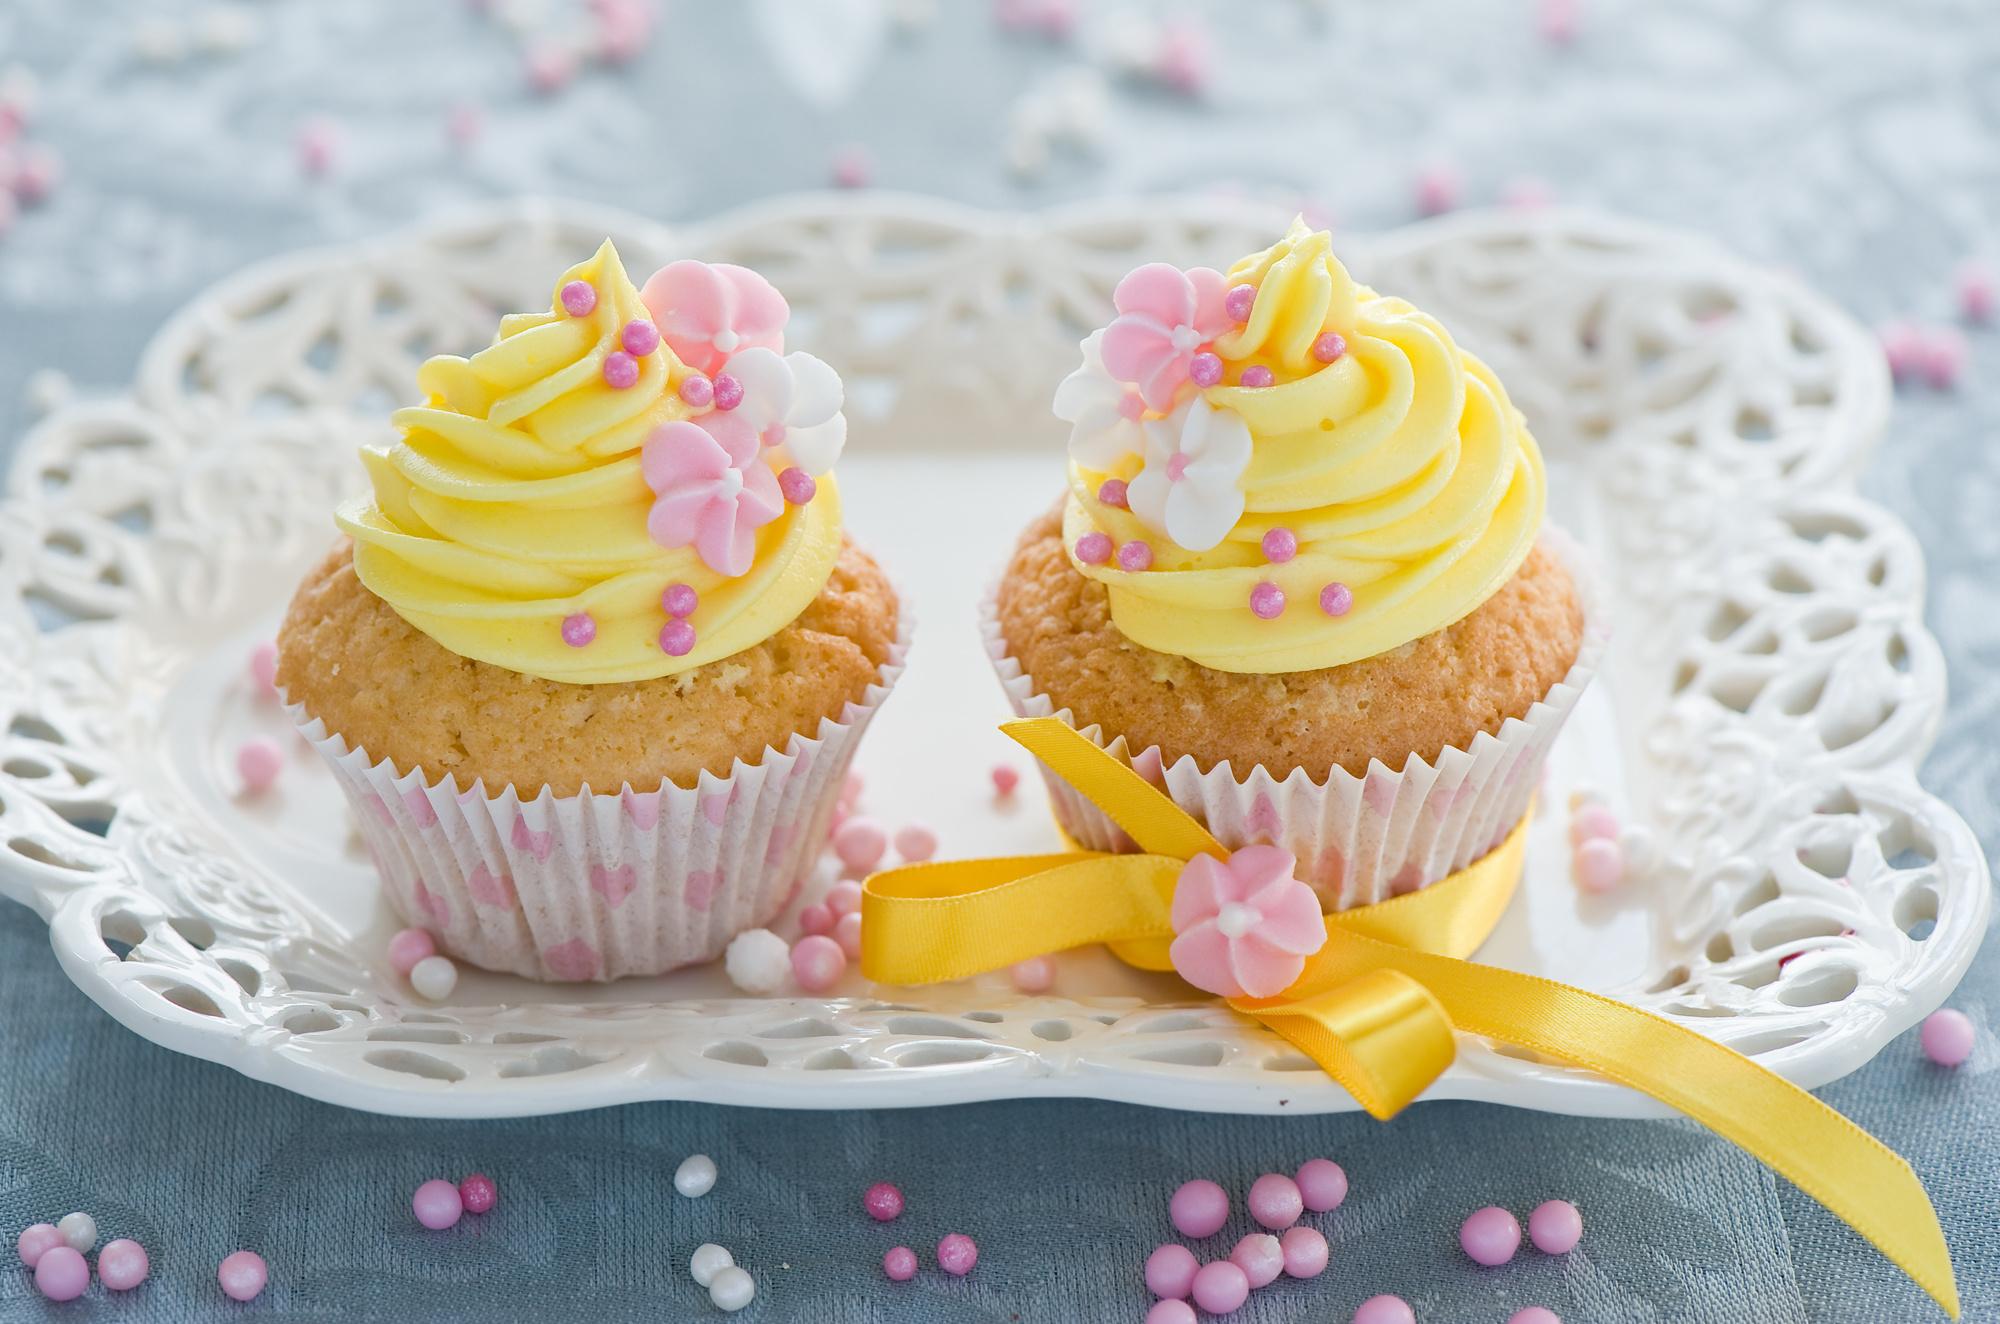 красивые картинки с днем рождения с пирожным видела